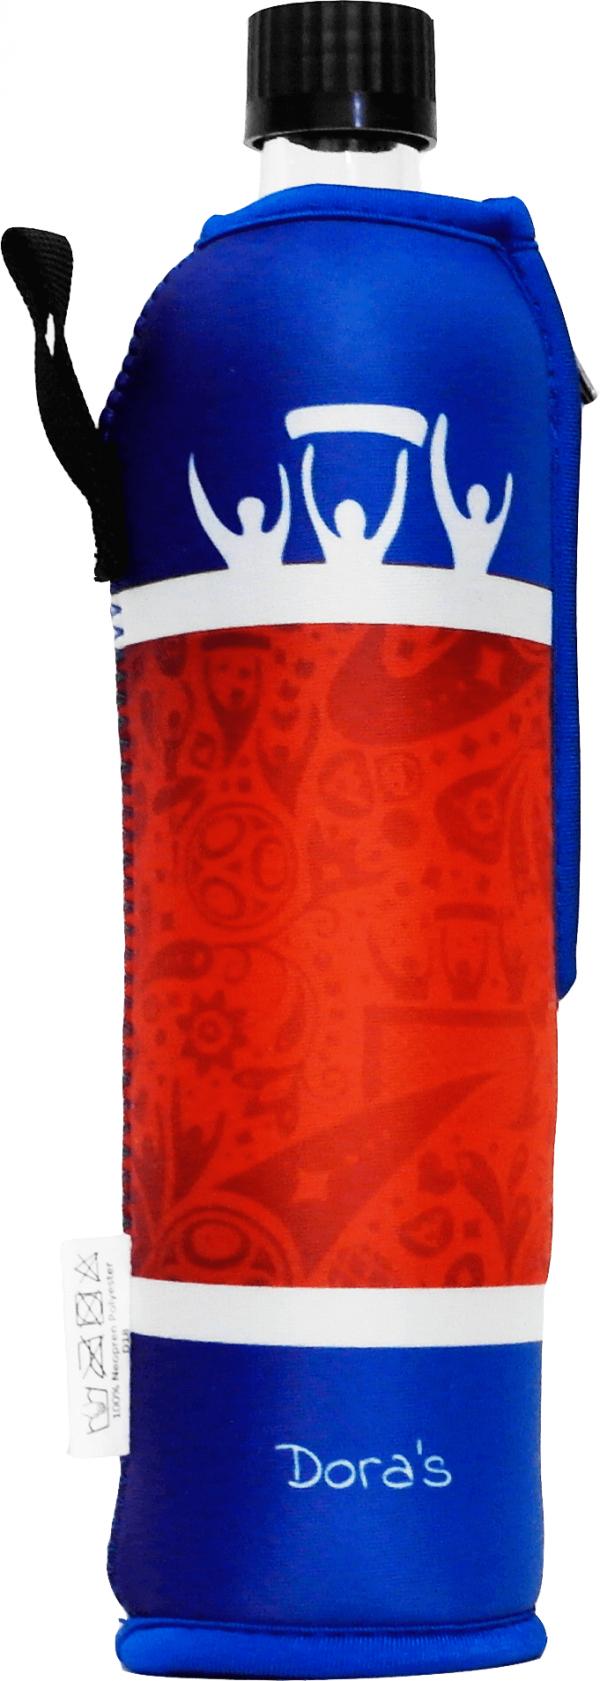 Dora's staklena boca 500ml - nogometna-2